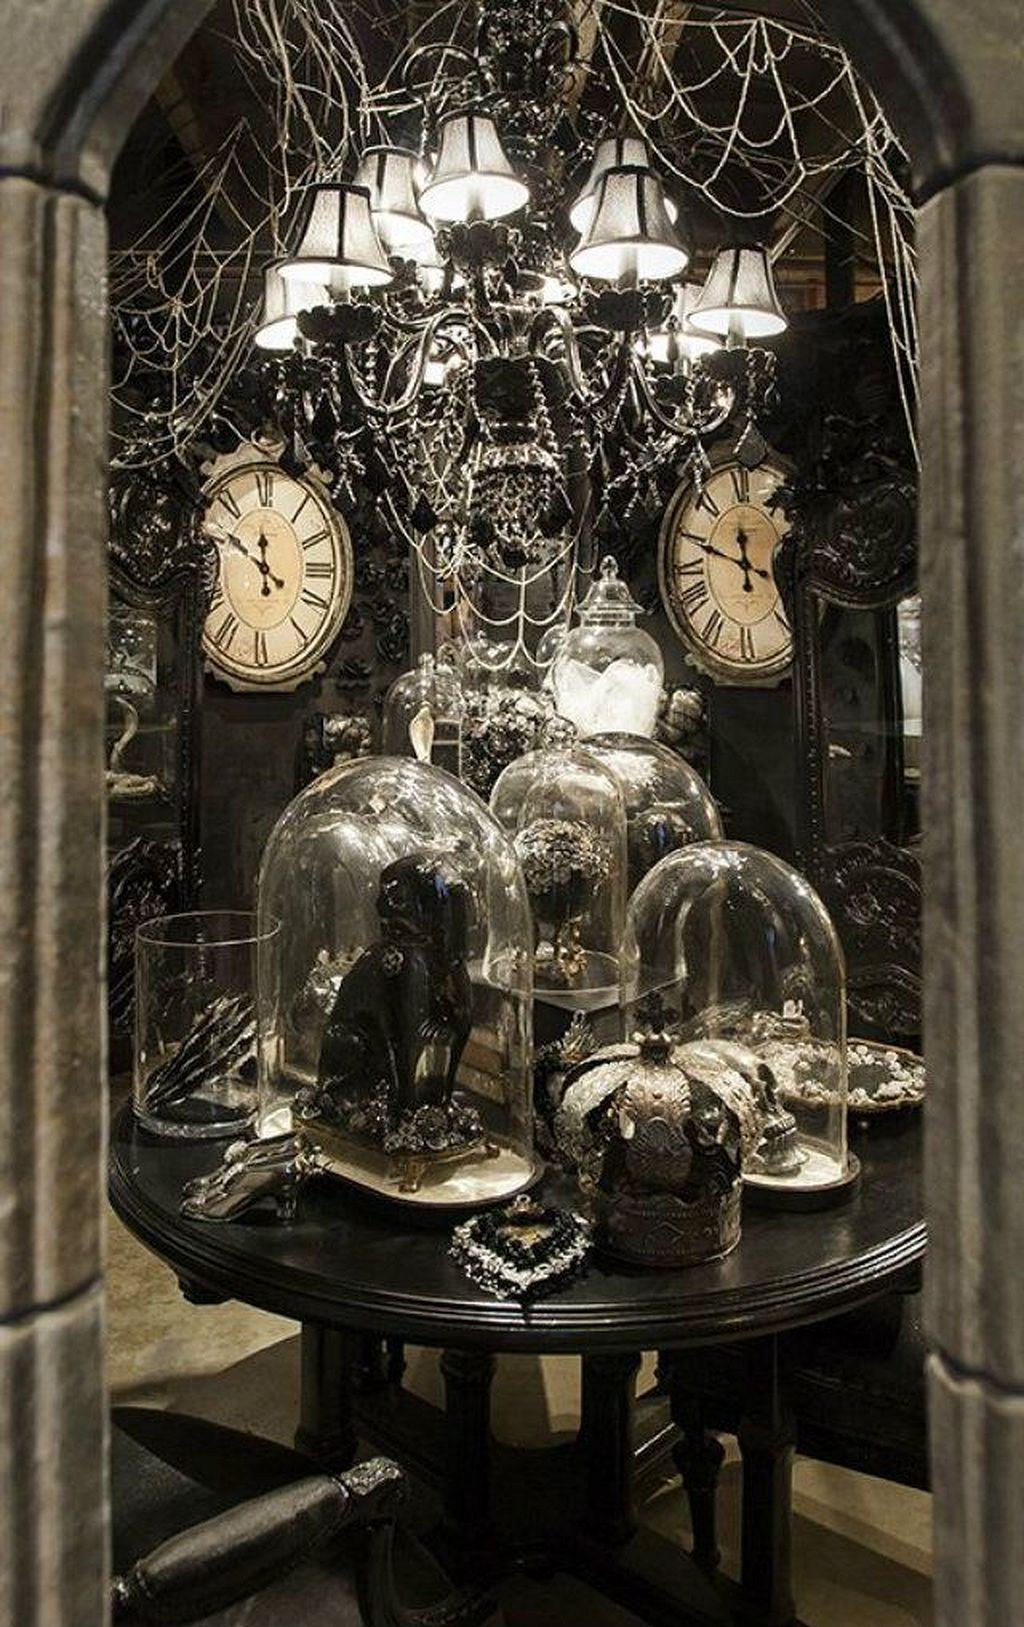 69 Halloween Decor Ideas for Your House - halloween house decoration ideas